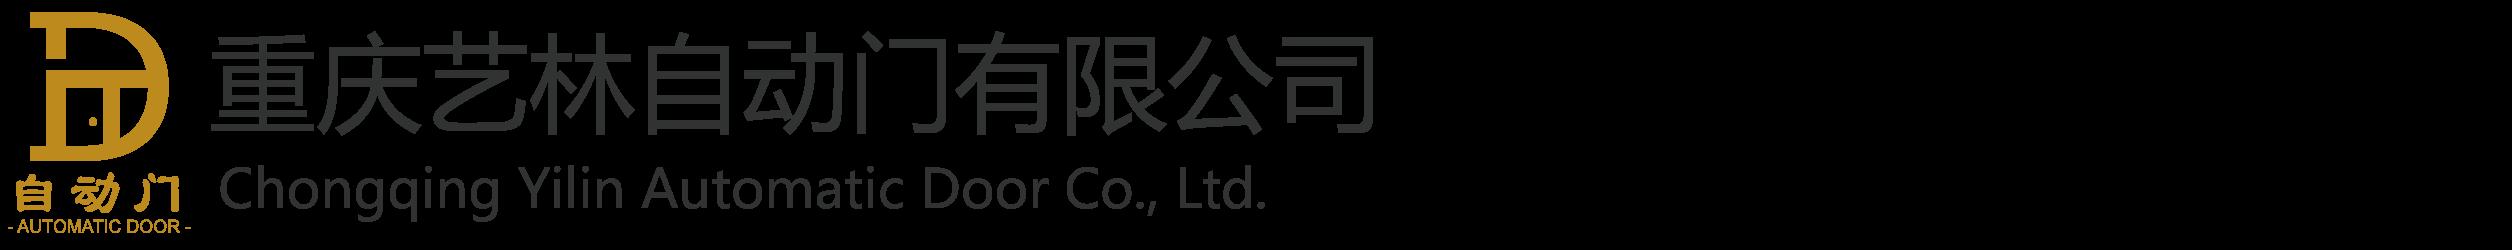 重庆艺林自动门公司